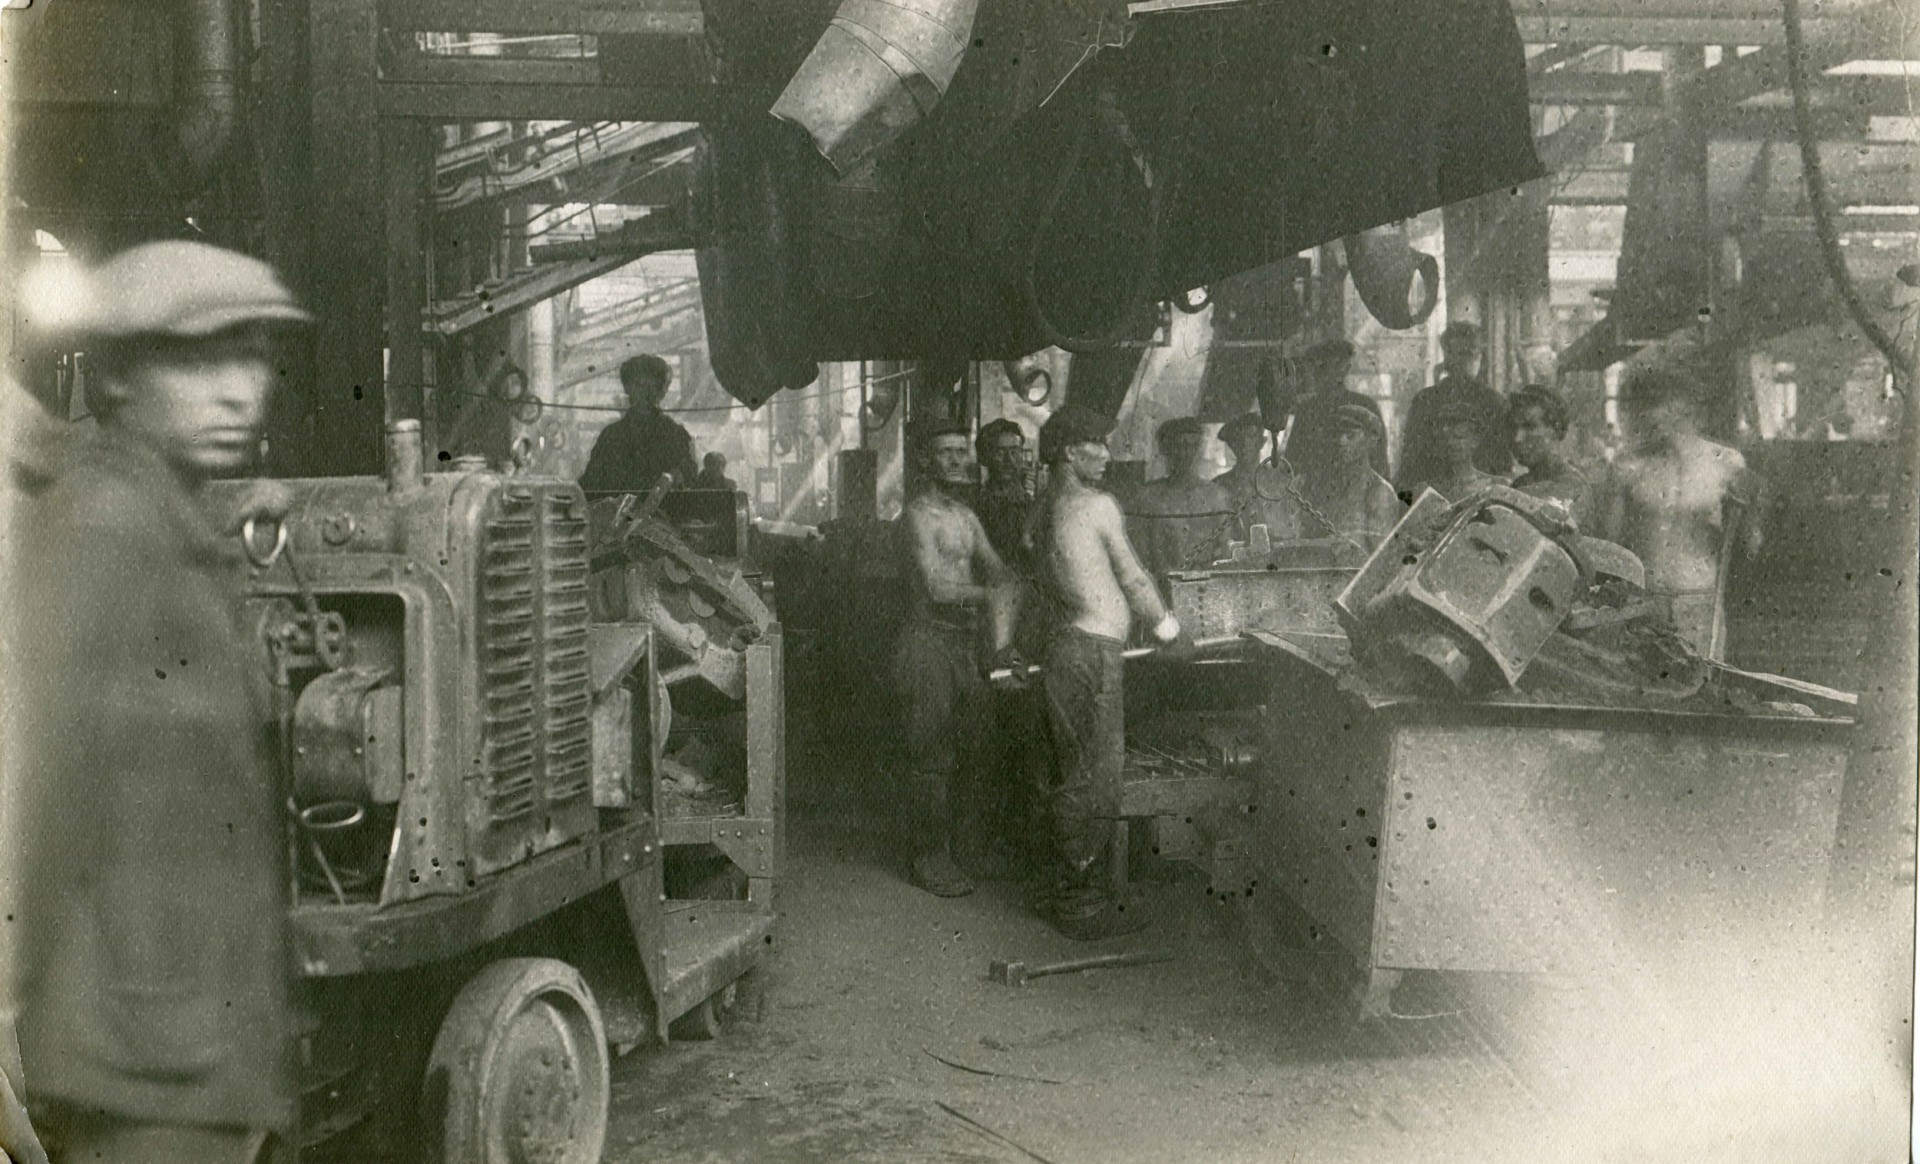 фото танка на стз г волгоград добавляют